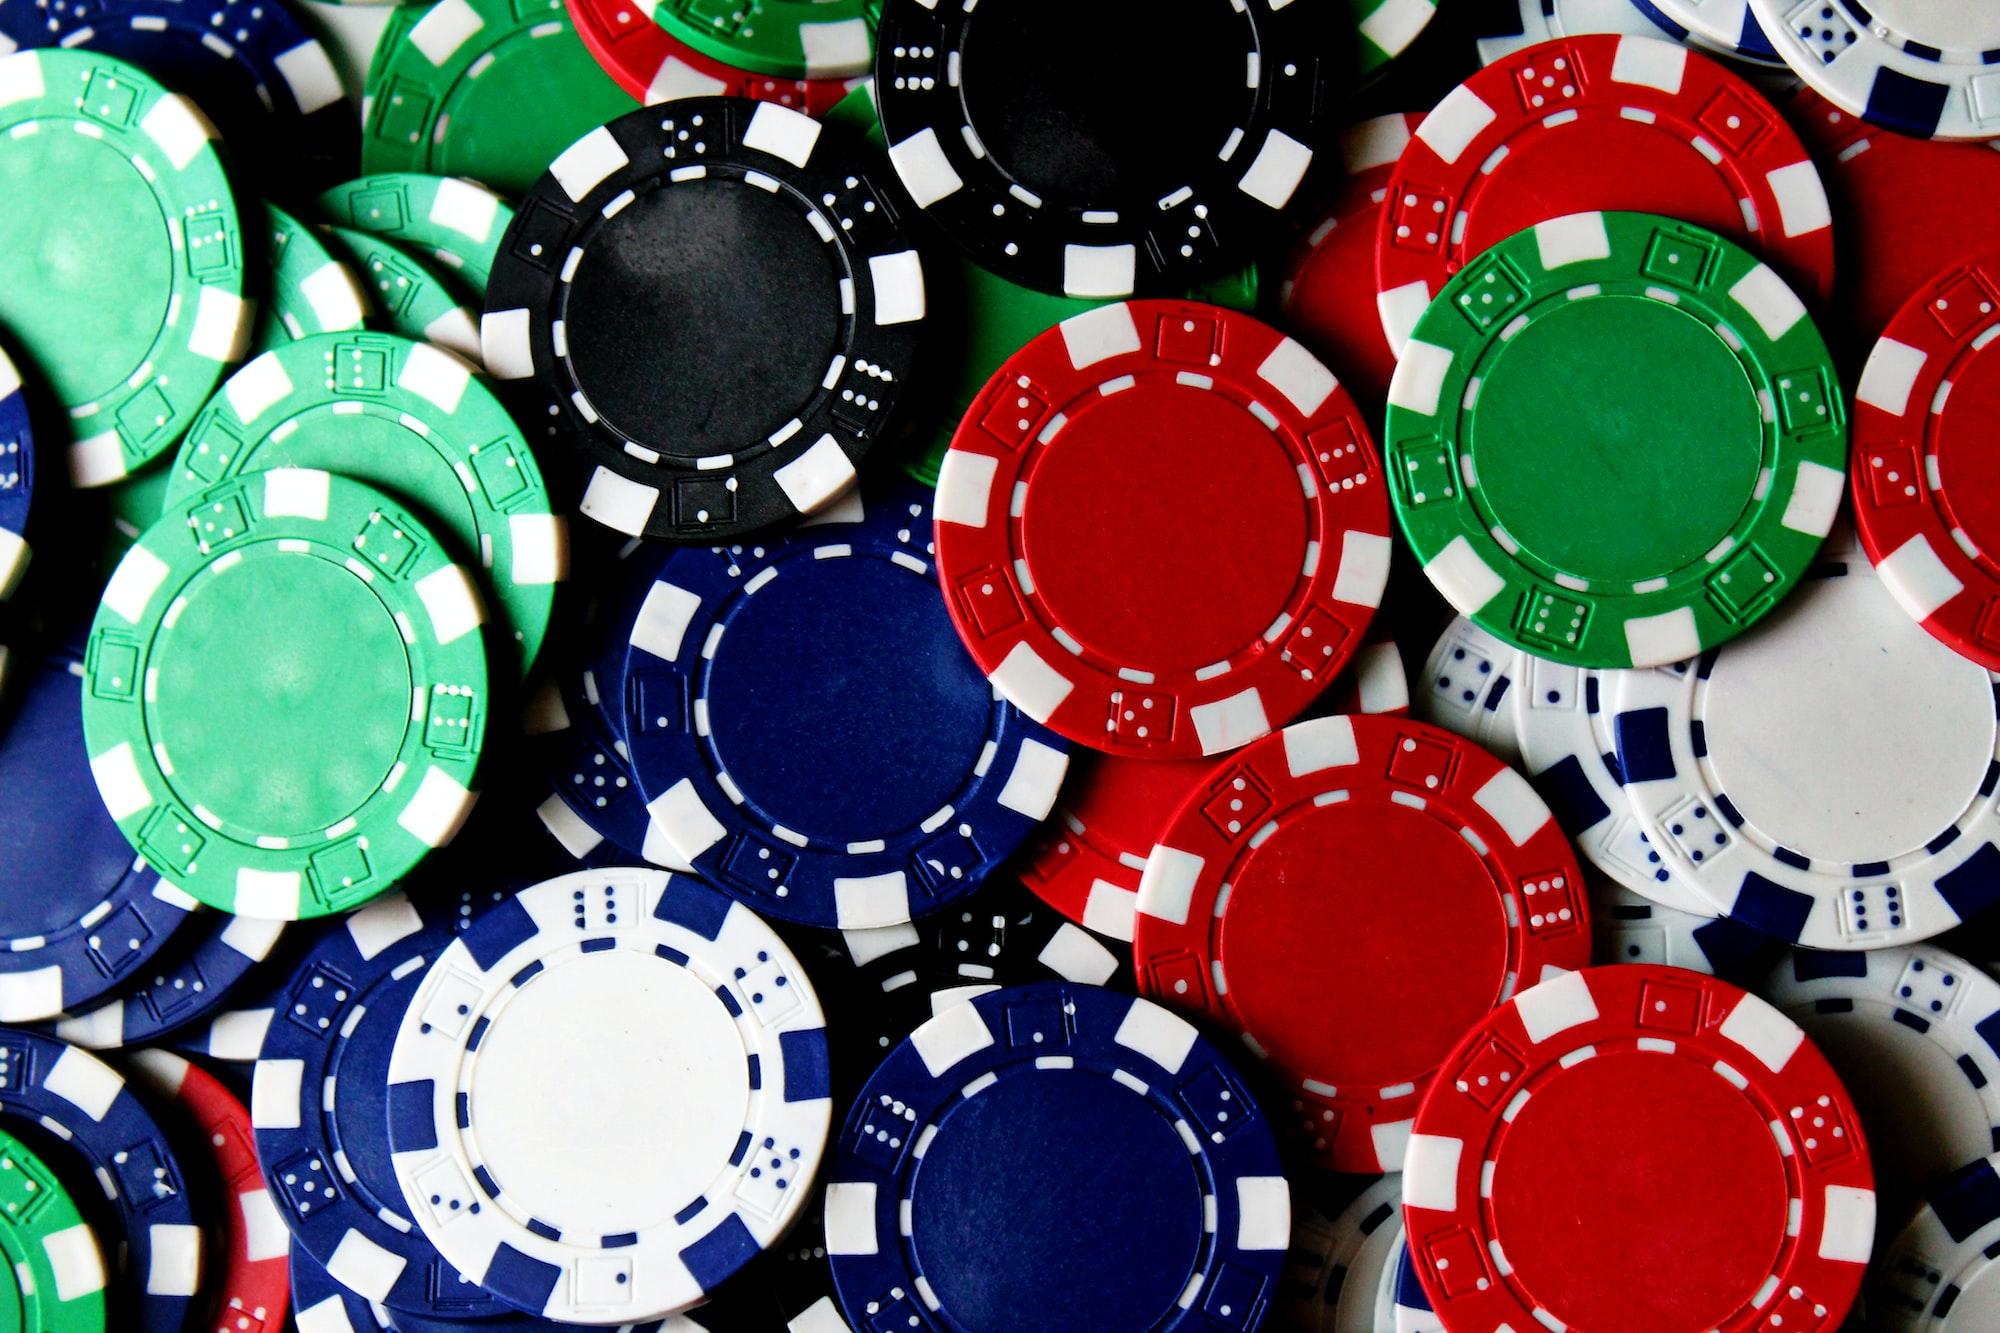 Estrazioni Lotto, Superenalotto e 10eLotto 29/04/21: i numeri vincenti